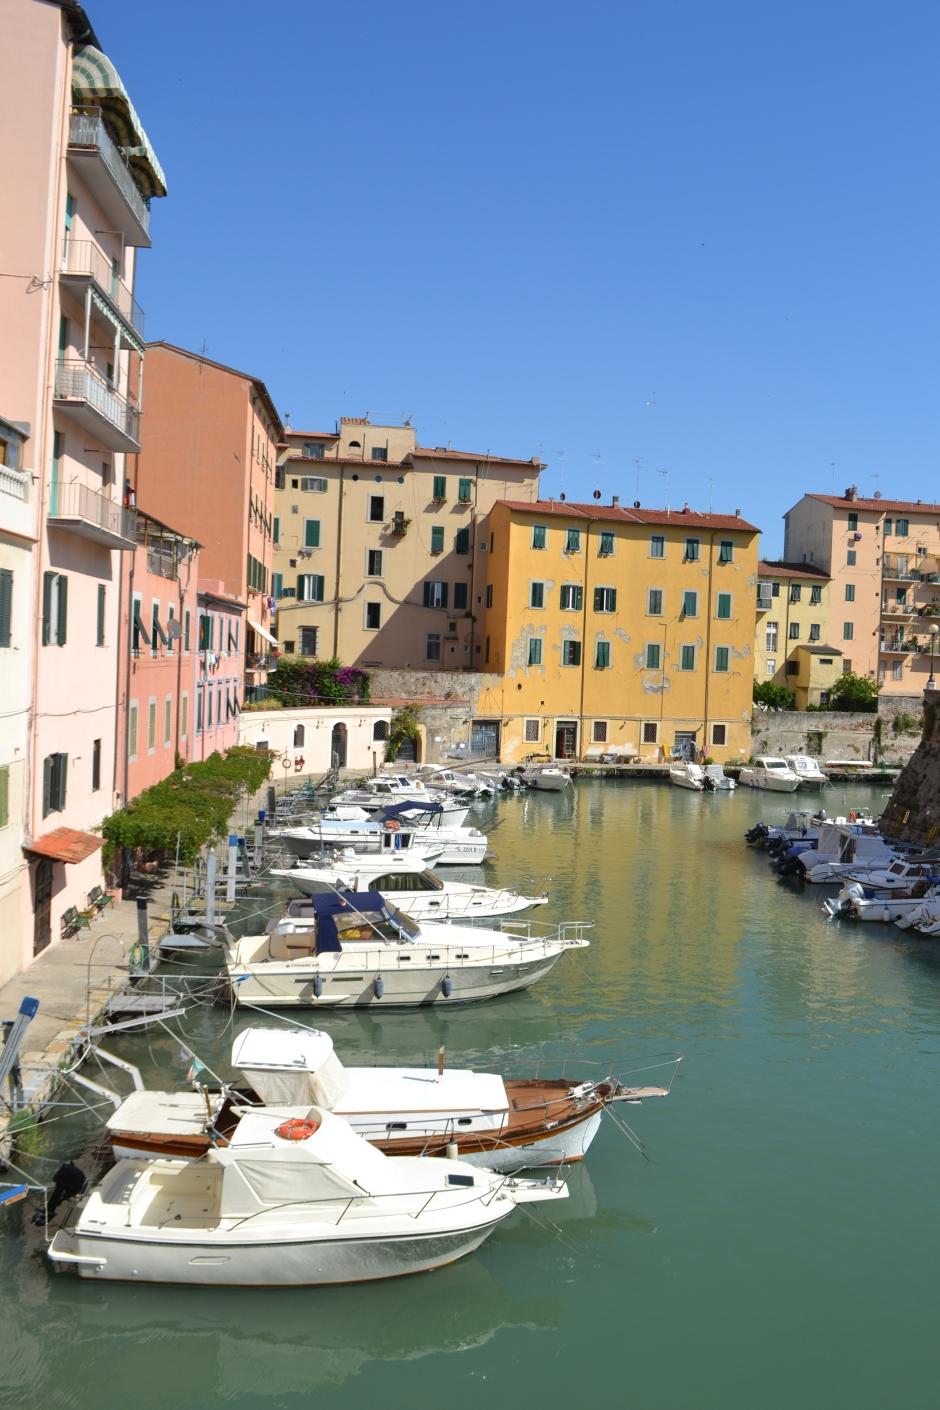 Livorno Passeggiata Tra Terrazze E Canali Viaggiare Con Serendipita